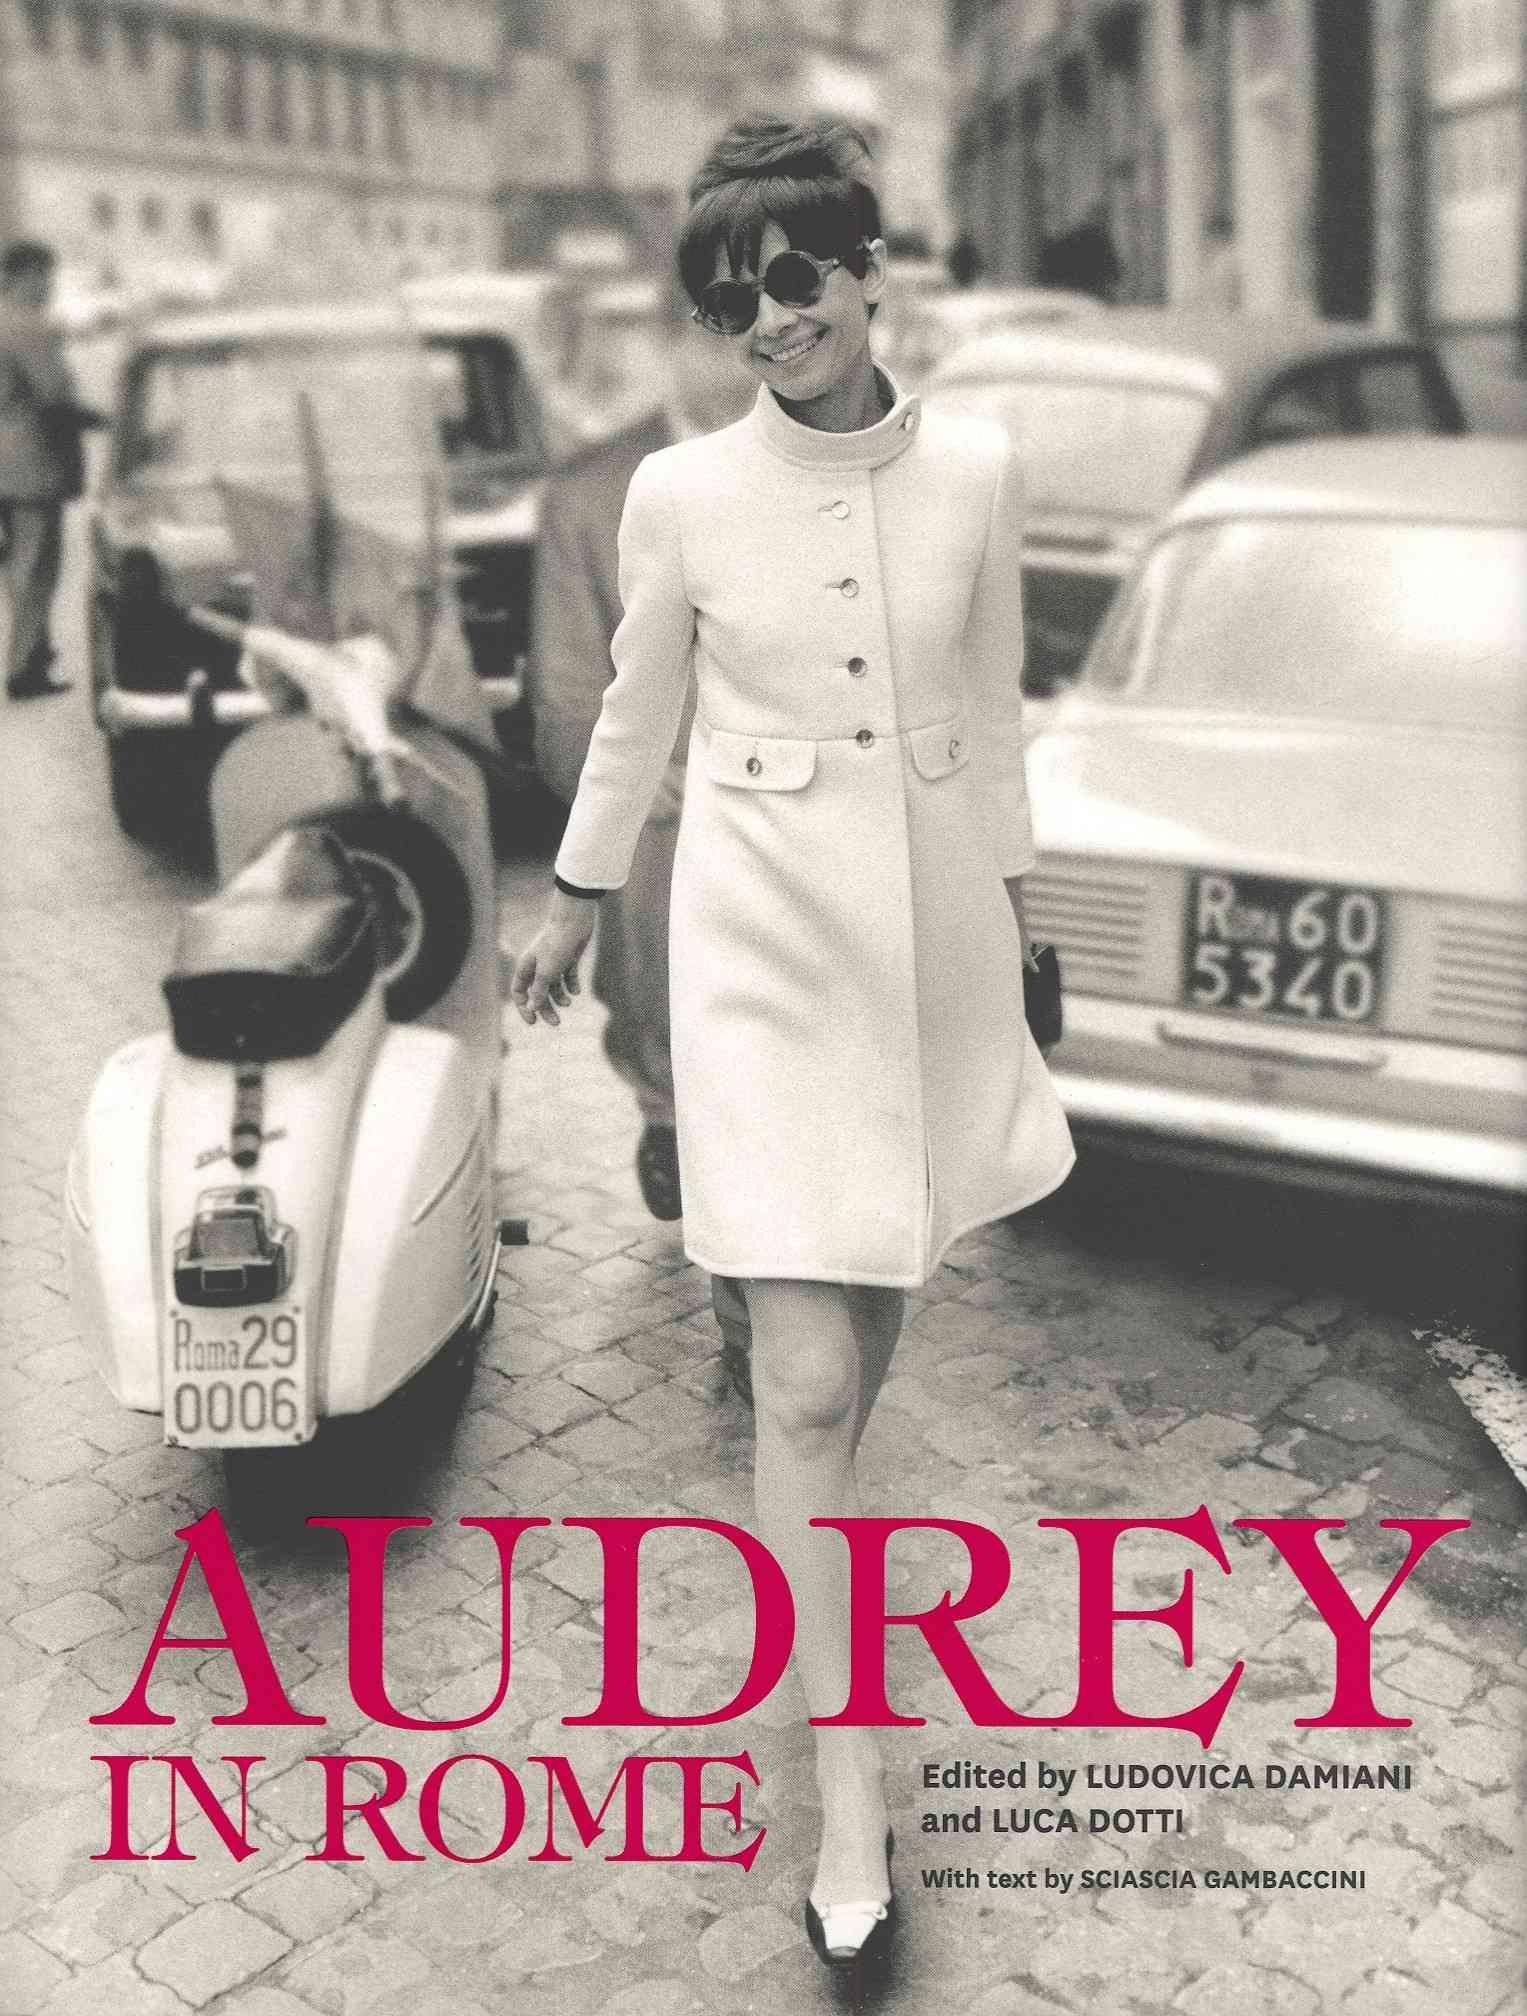 Audrey in Rome By Dotti, Luca/ Damiani, Ludovica/ Gambaccini, Sciascia